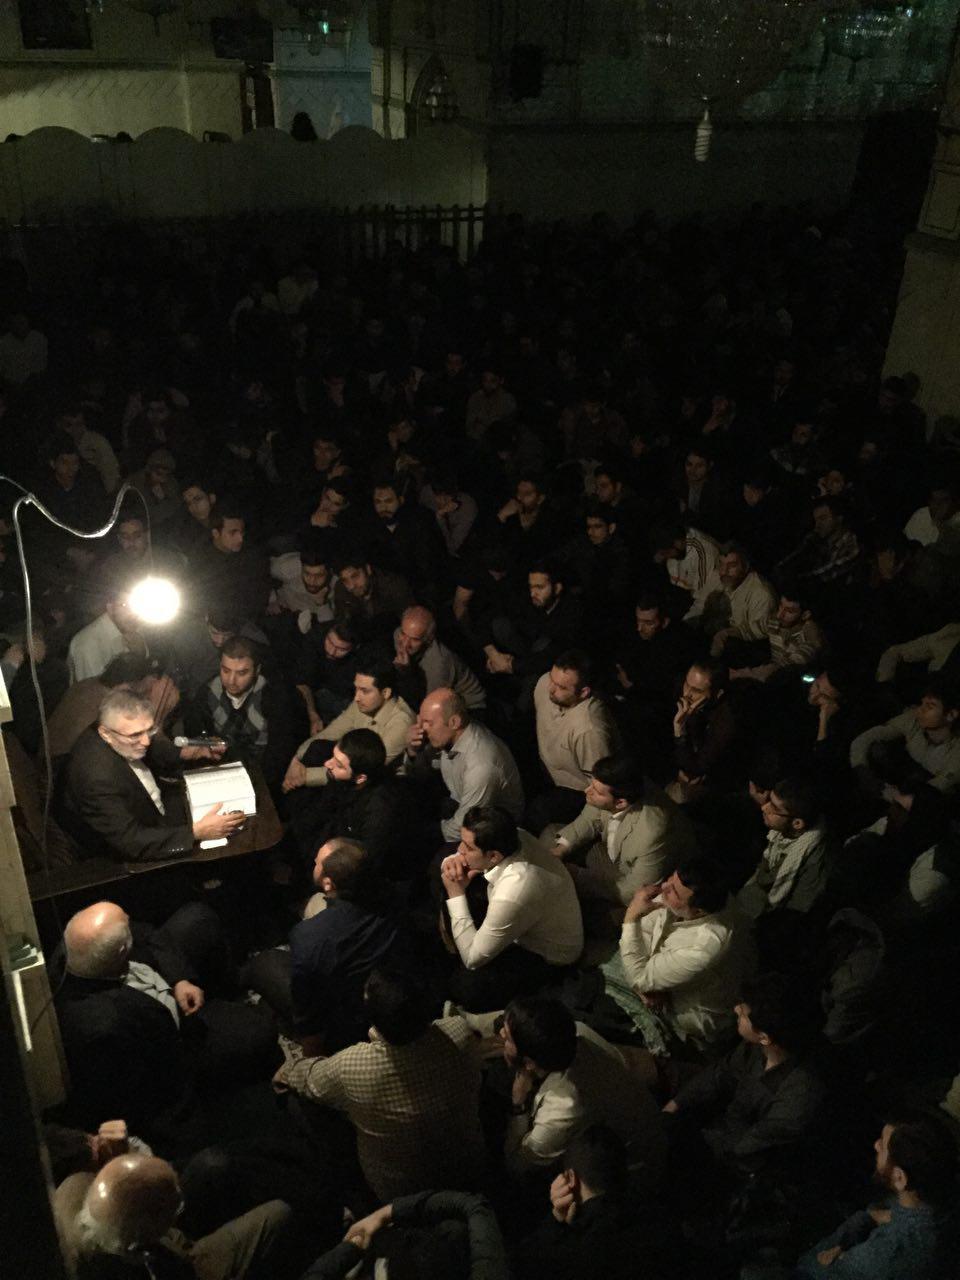 دعای درد پشت دعای کمیل 7 اسفند 1394 - دوستداران حاج منصور ارضی